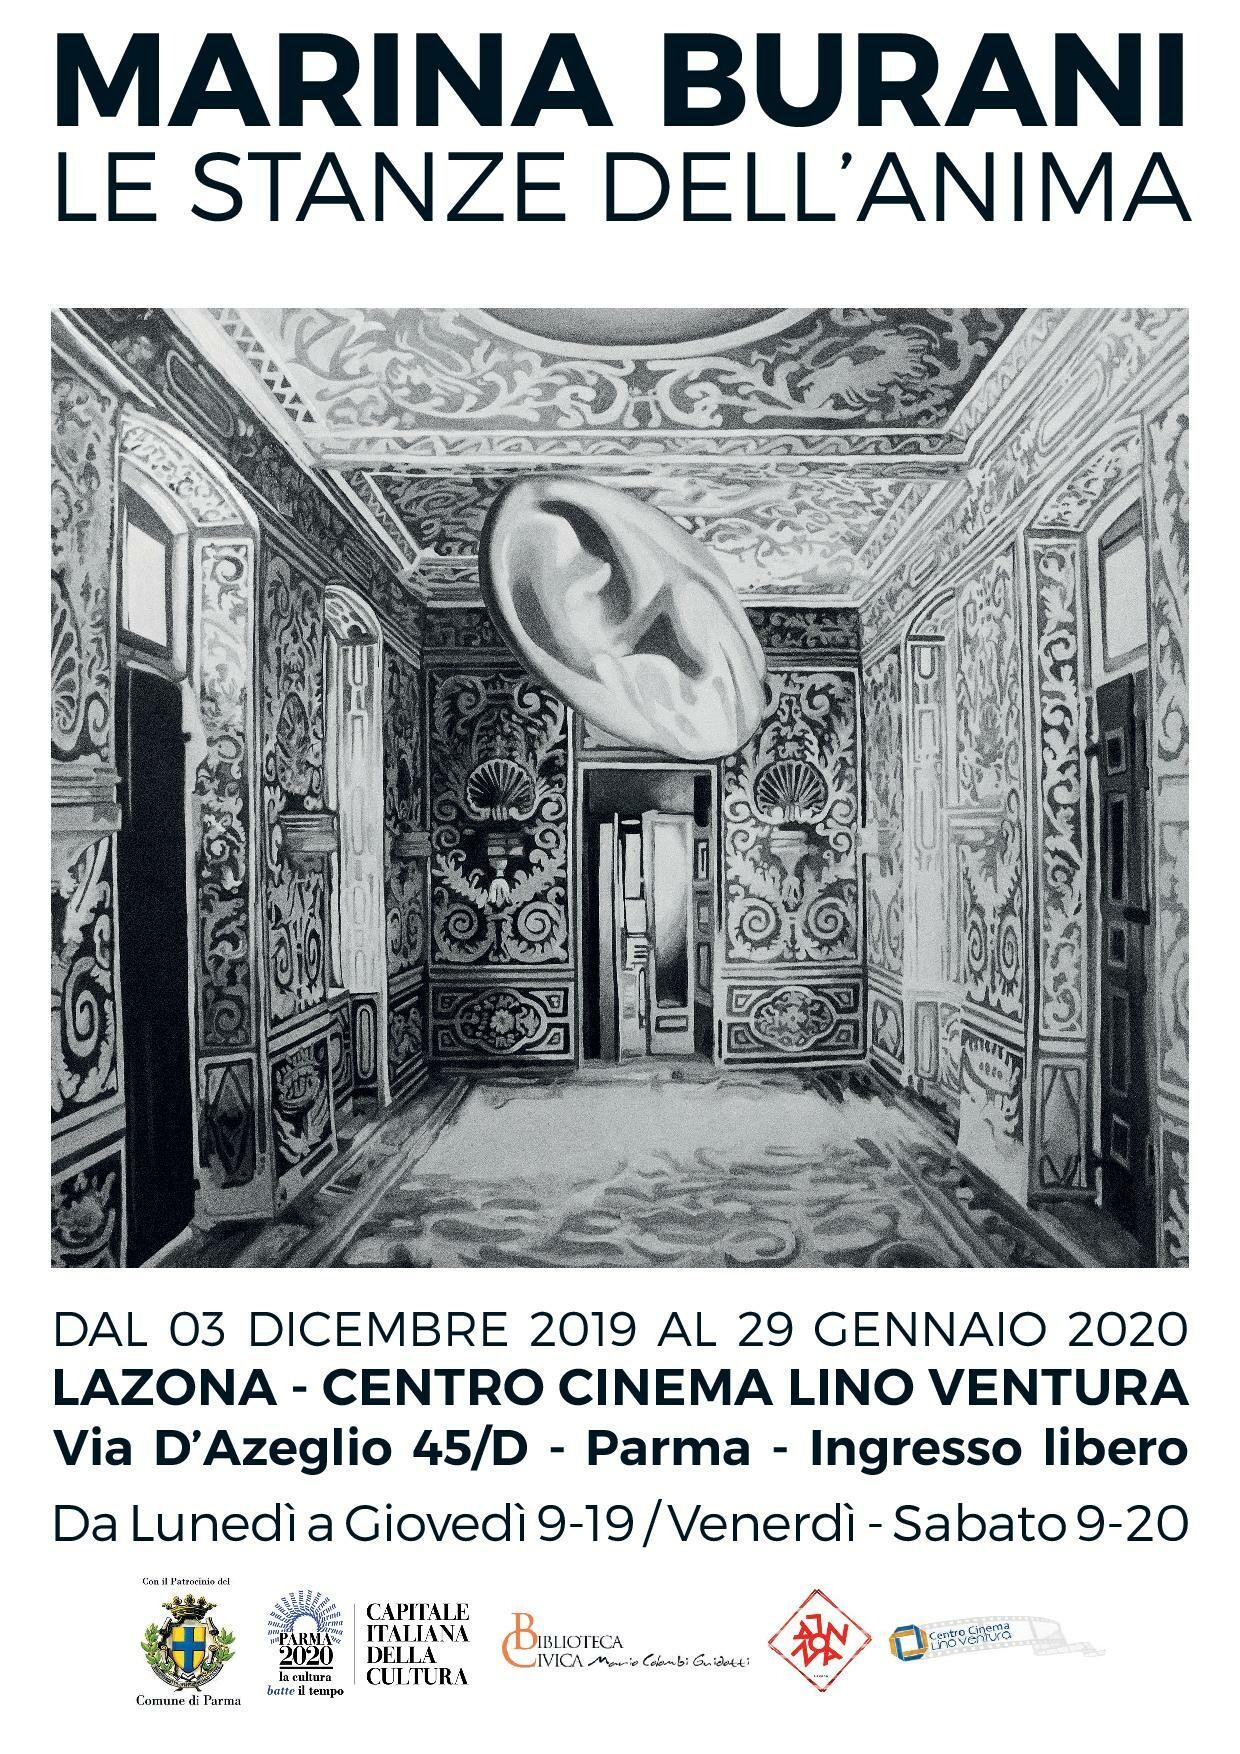 """""""Le stanze dell'anima"""" Le tele dell'artista Marina Burani  in mostra   nello spazio espositivo LaZona"""